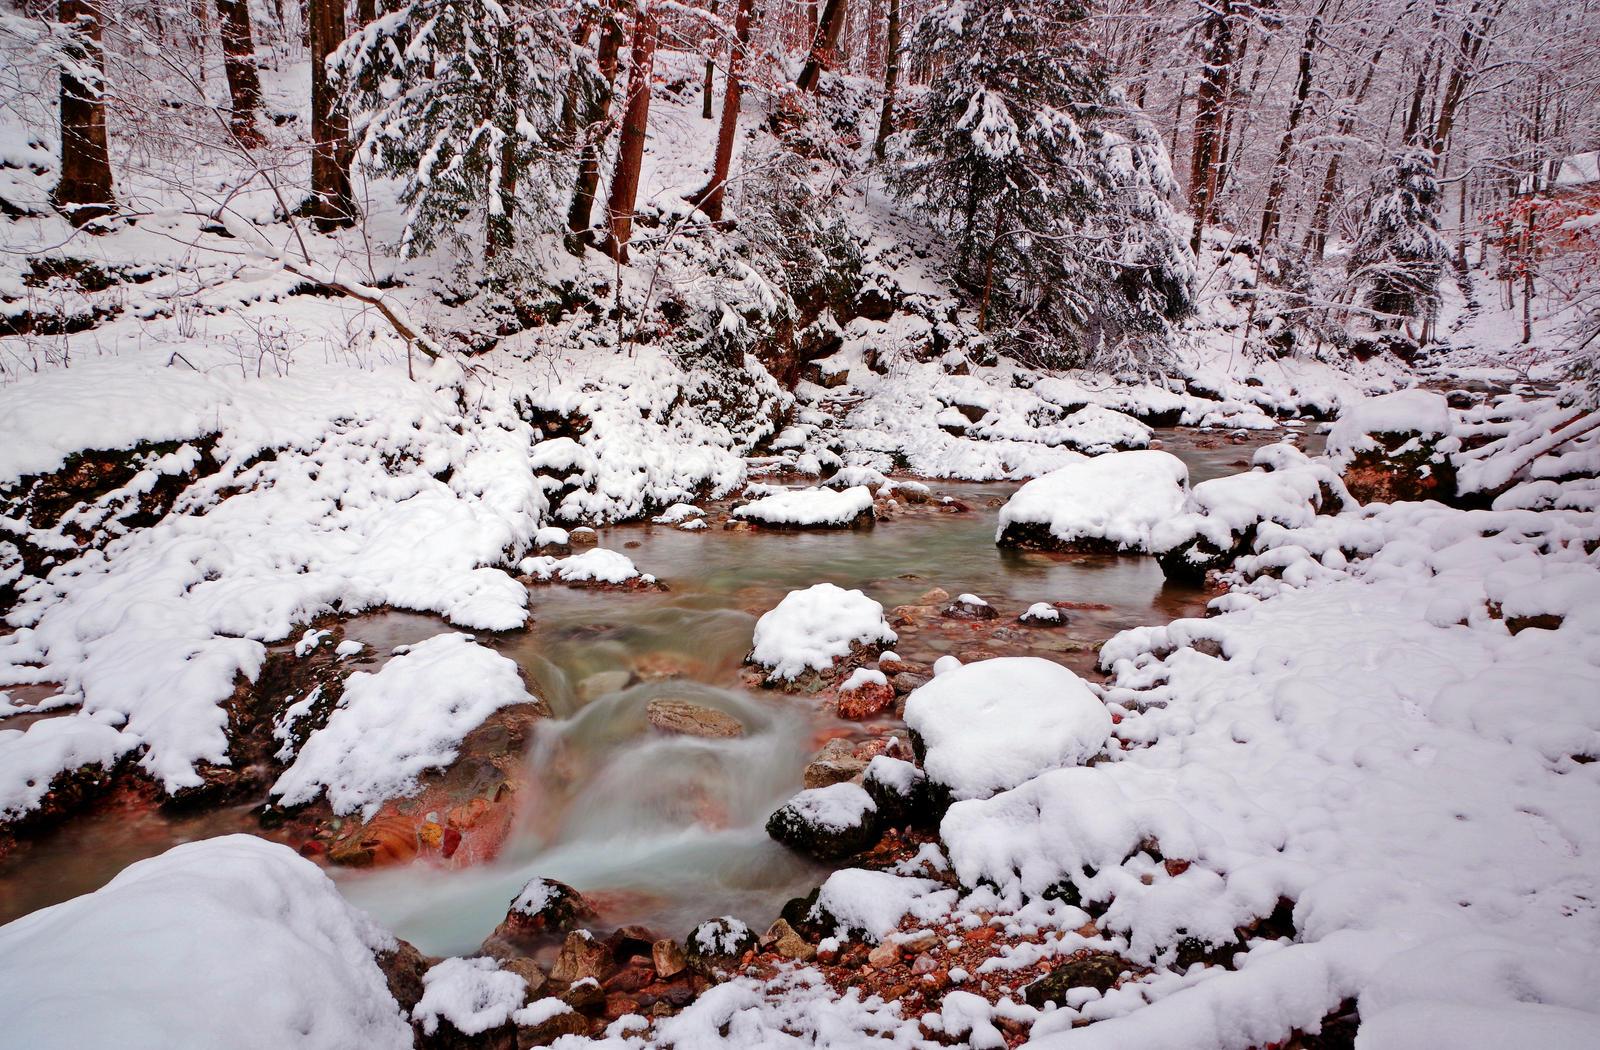 Snowy River by Burtn